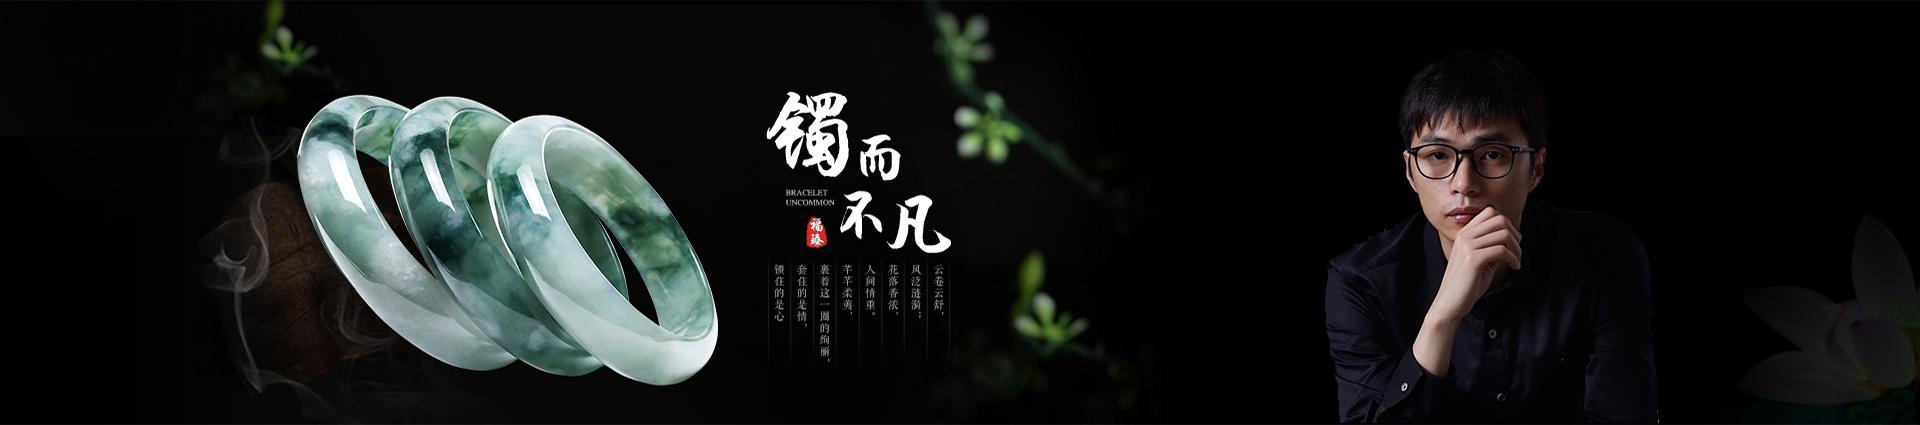 翡翠鉴定师彭子华